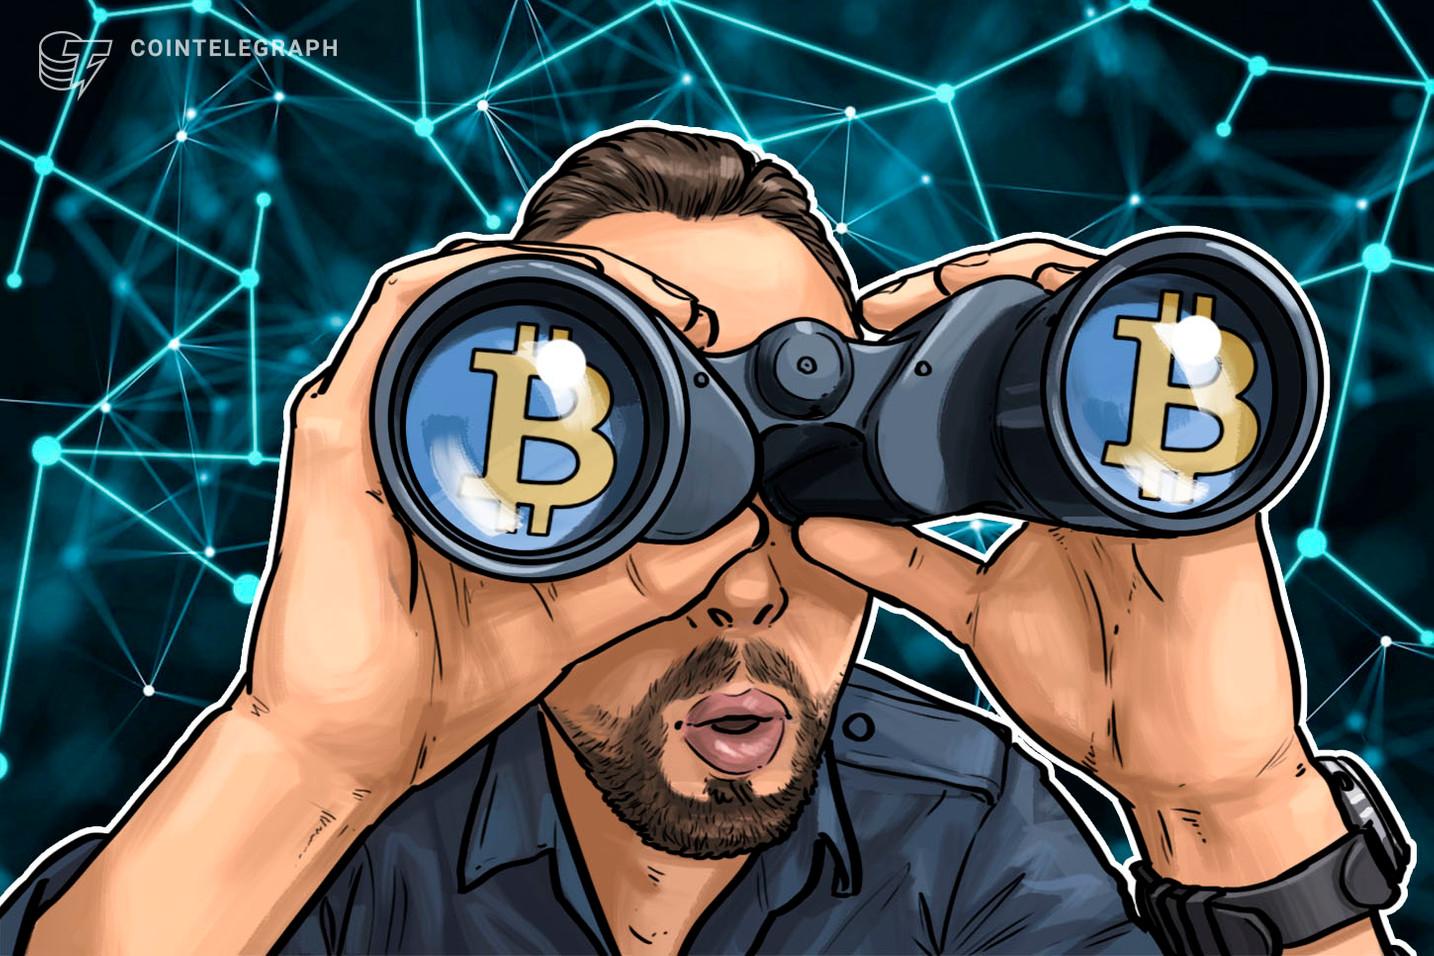 Bitcoin fiyatı 104.000 TL'yi gördü - Dolar fırladı, altın yatay | 23 Ekim